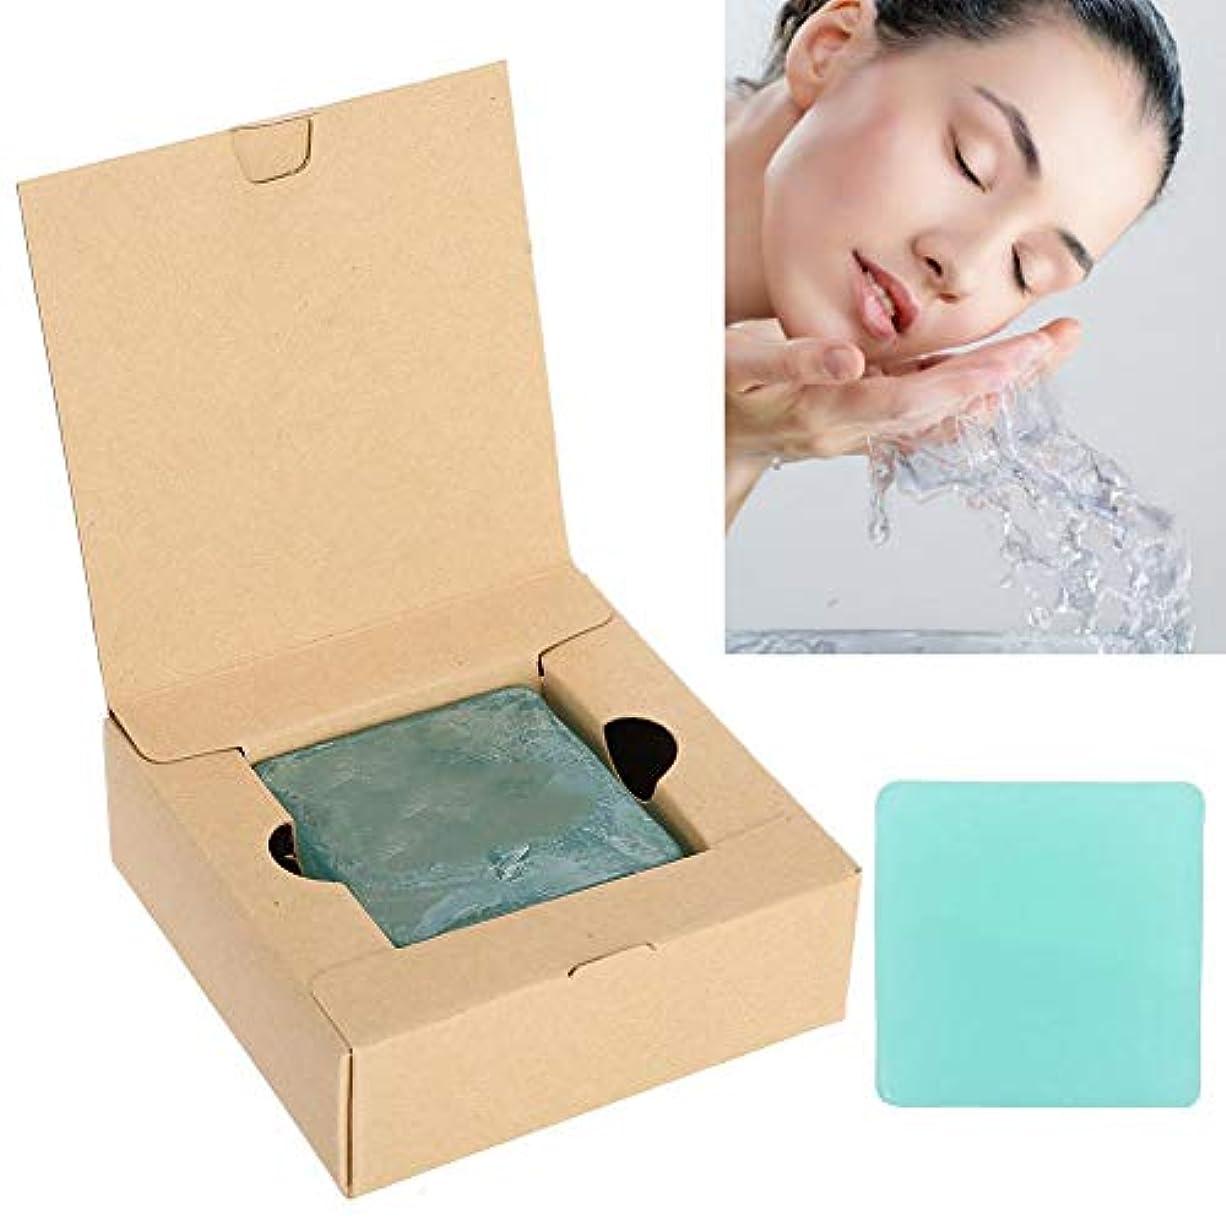 アスペクト掃除北米手作り洗顔せっけん ハンドメイドソープ ティ-ツリーオイル 固形 お肌に優しい 敏感肌 毛穴ケア 100g